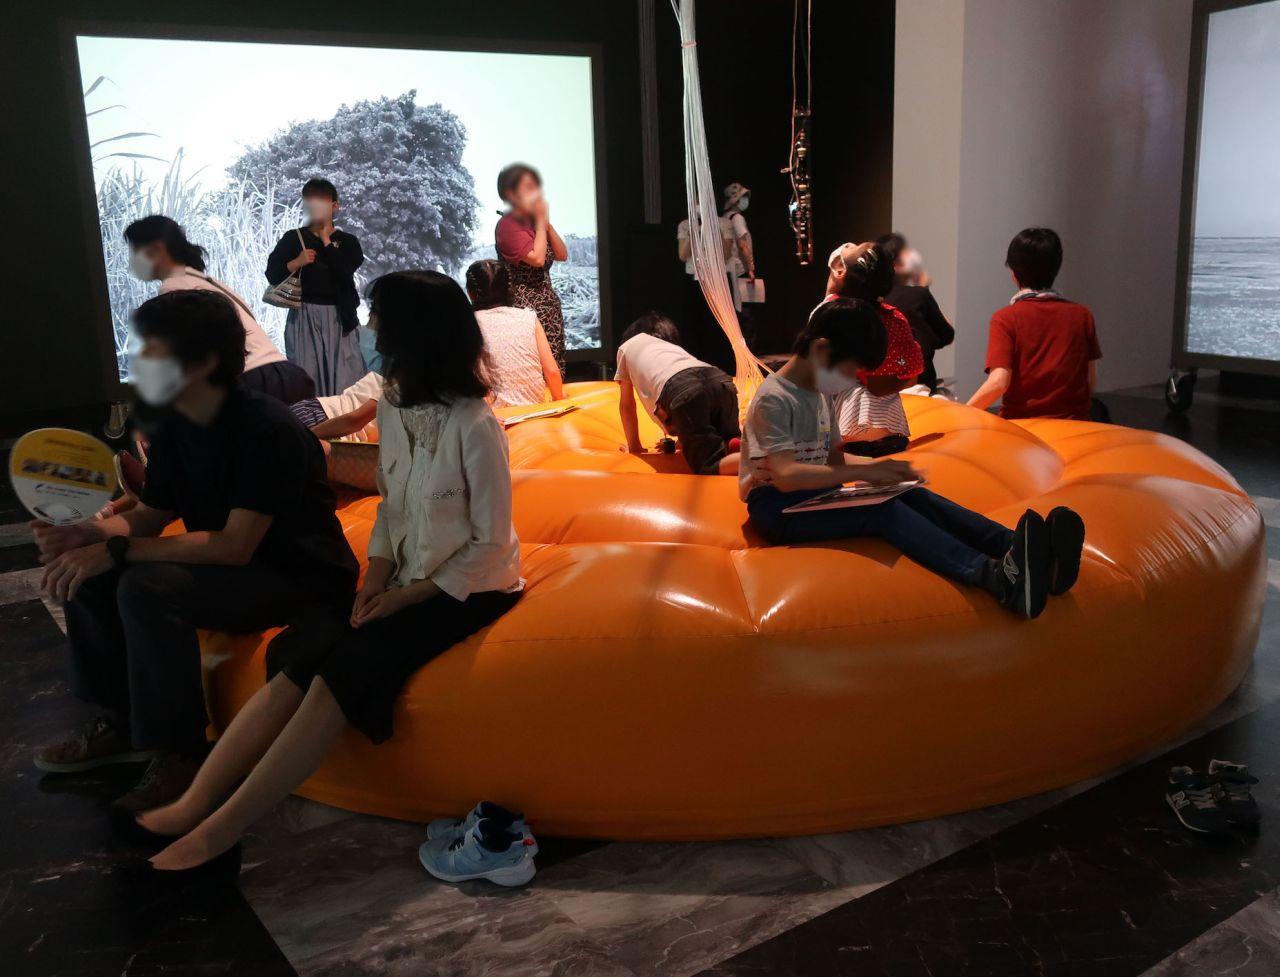 ファミリープログラム「ボンジョルノ! アーティゾン美術館」(全3回)